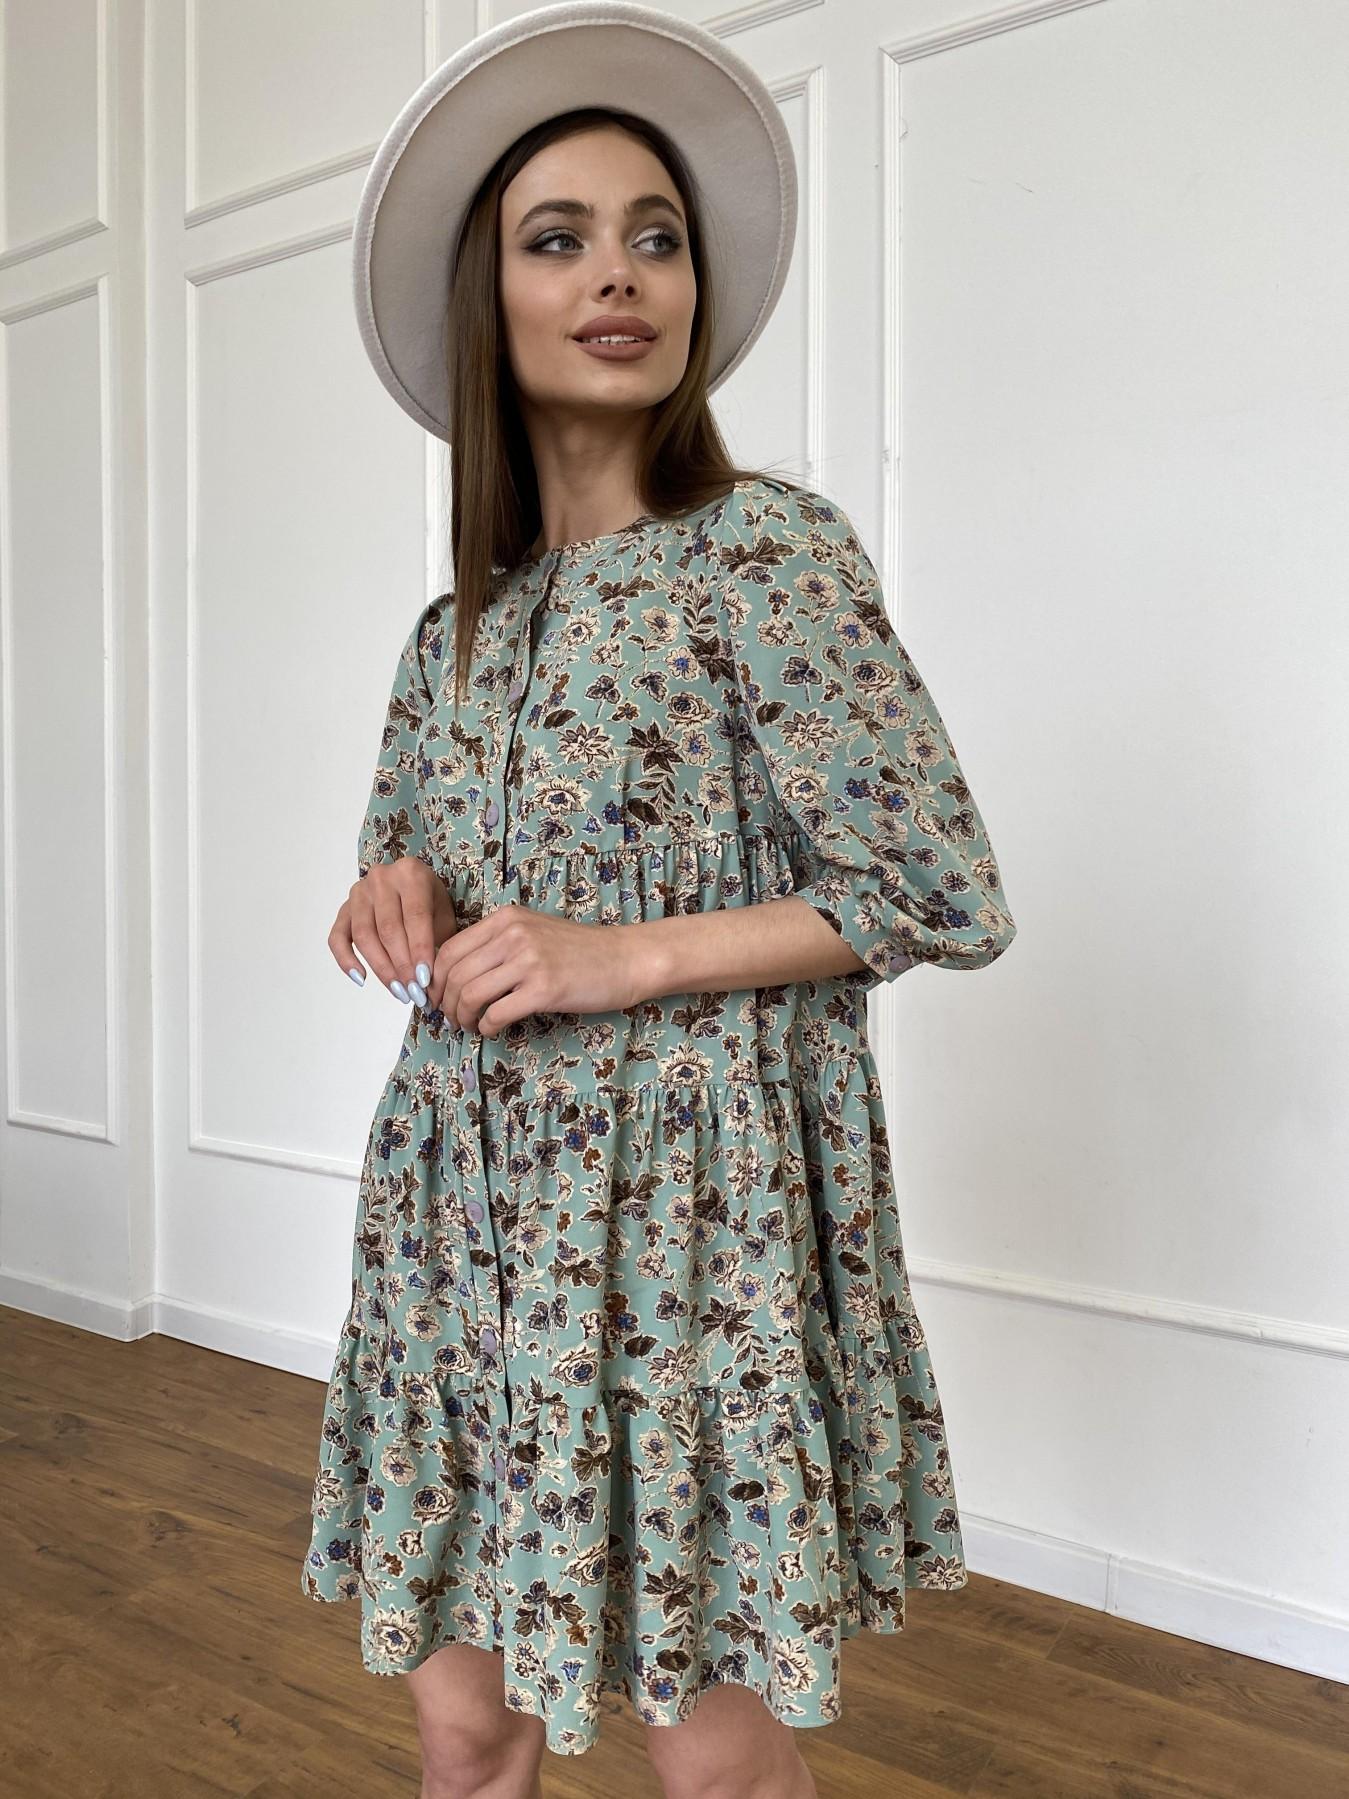 Берри платье из ткани софт в принт 11211 АРТ. 47722 Цвет: Олива/бежевый, Цветы - фото 11, интернет магазин tm-modus.ru